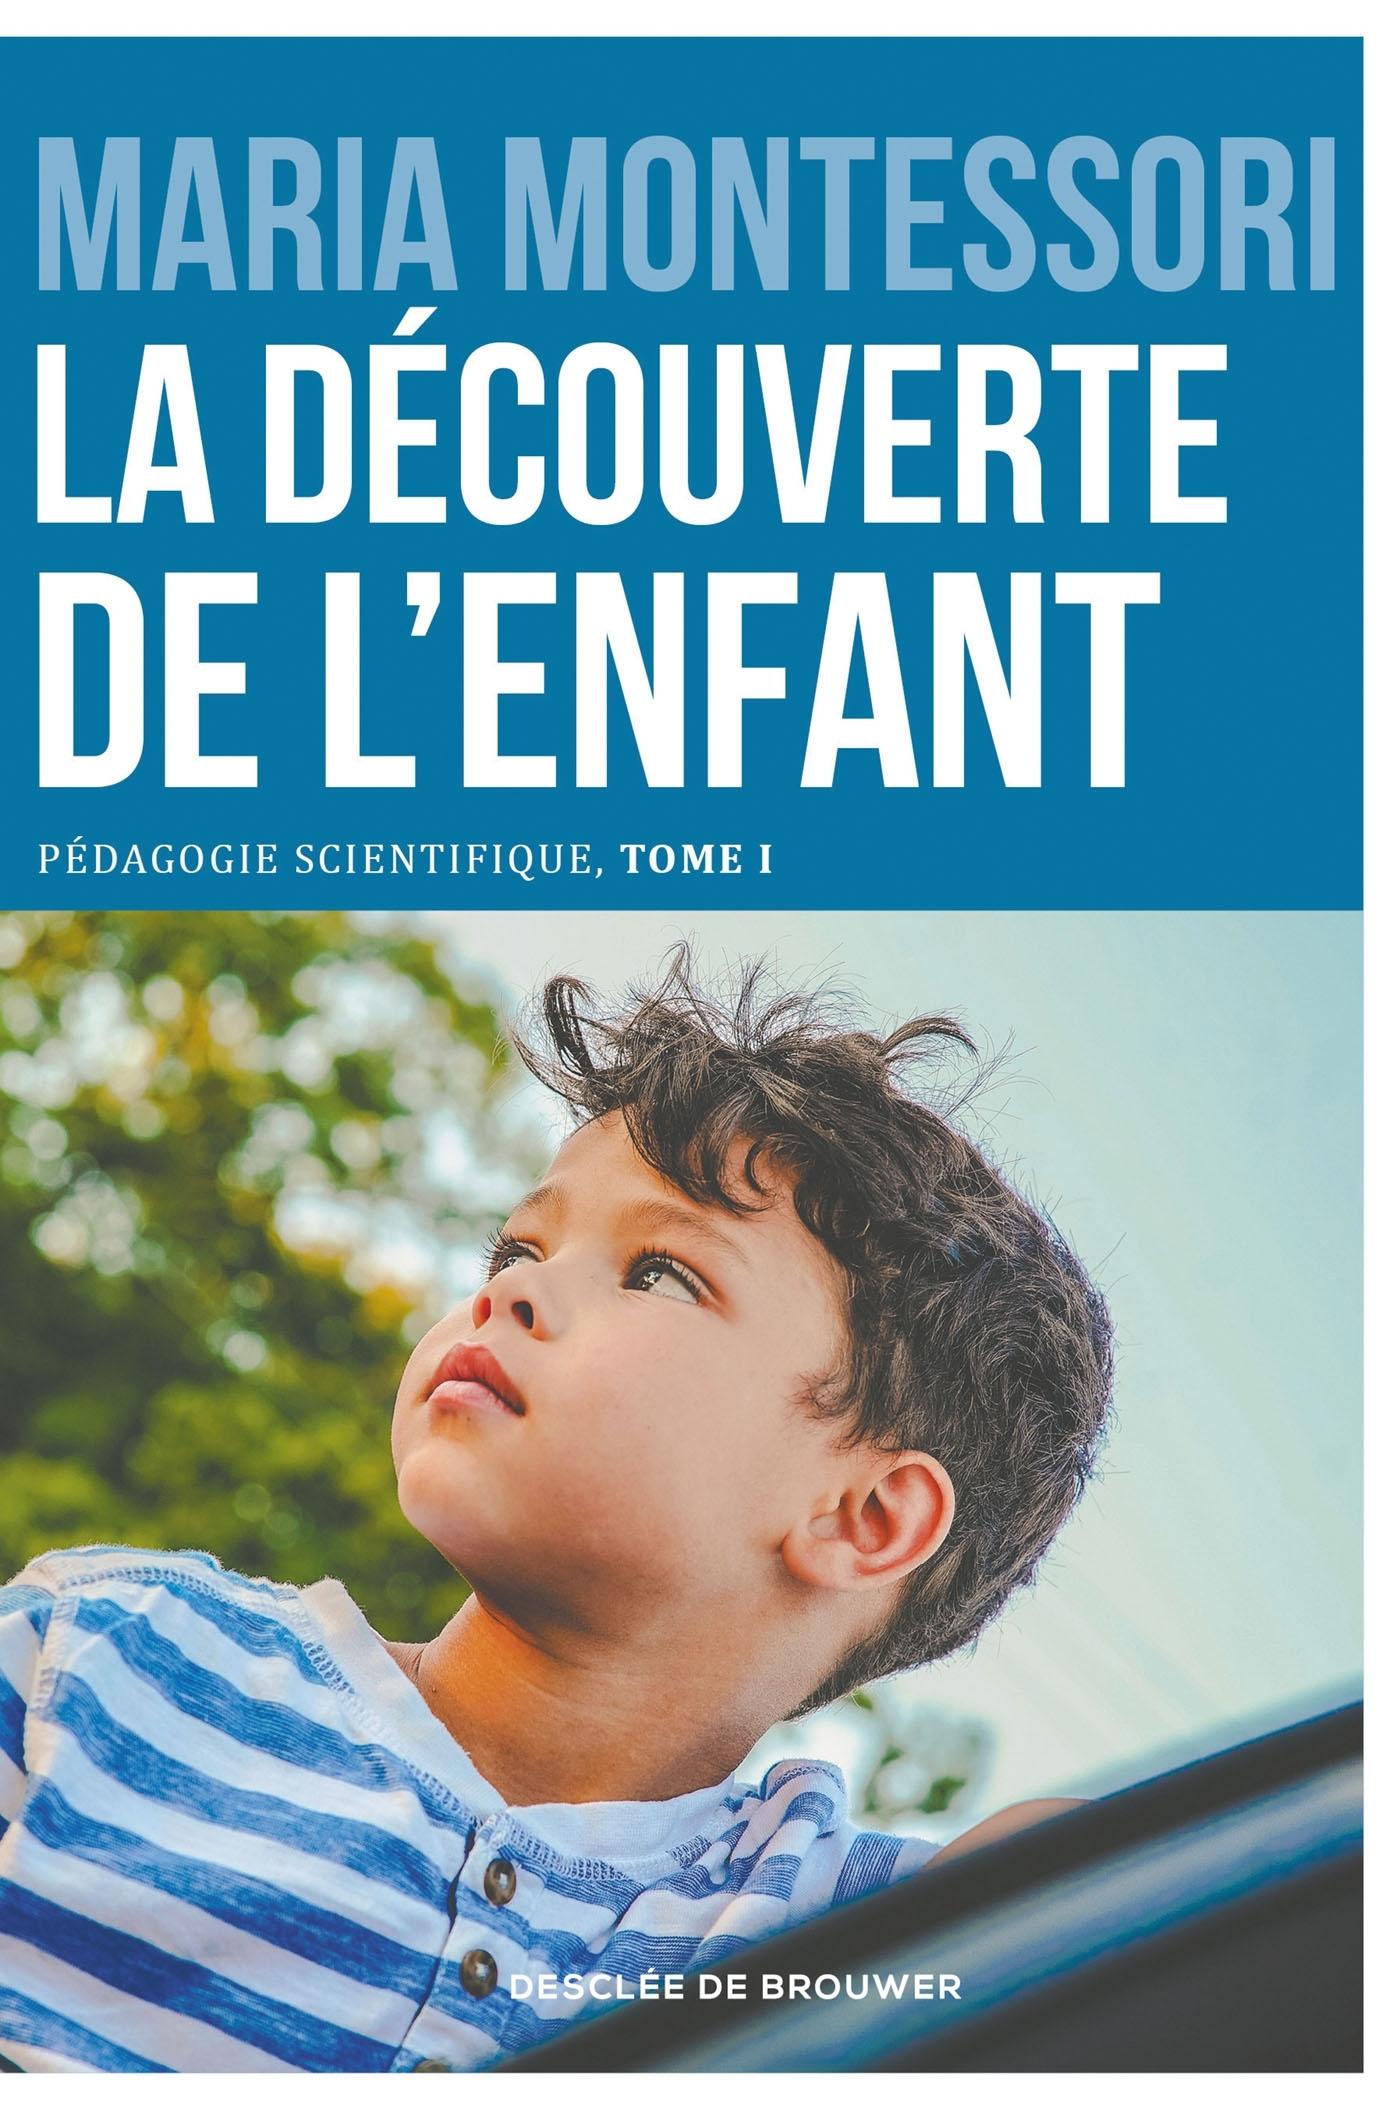 LA DECOUVERTE DE L'ENFANT - PEDAGOGIE SCIENTIFIQUE, TOME I